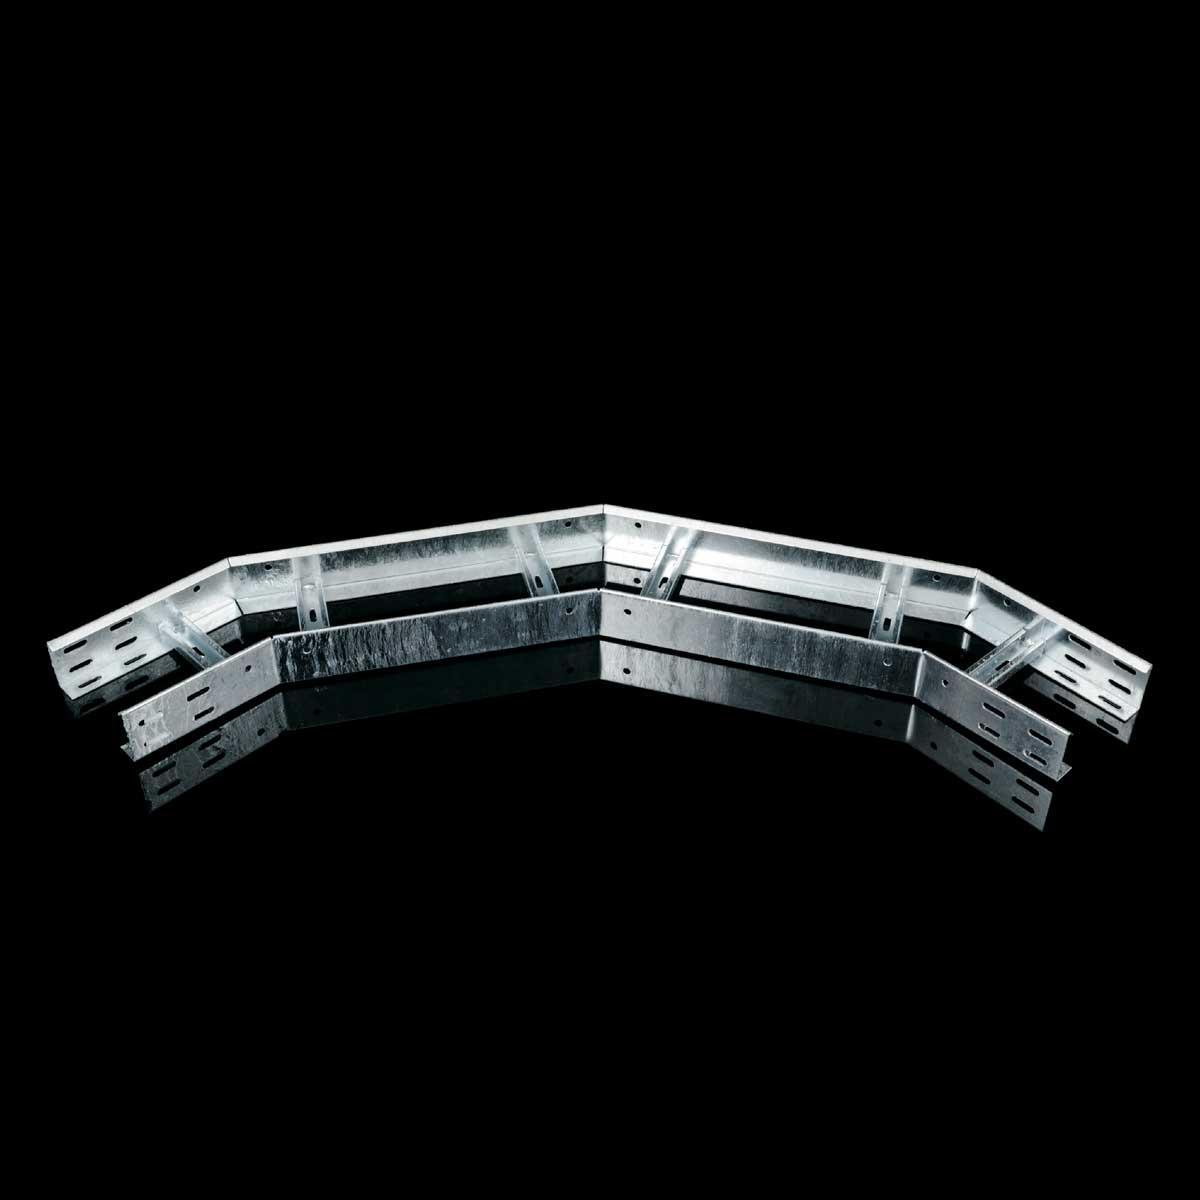 Відгалуження горизонтальне на лоток драбинного типу KOPOS; розміри-60x200xmm Товщ. метал- Вага-кг/м